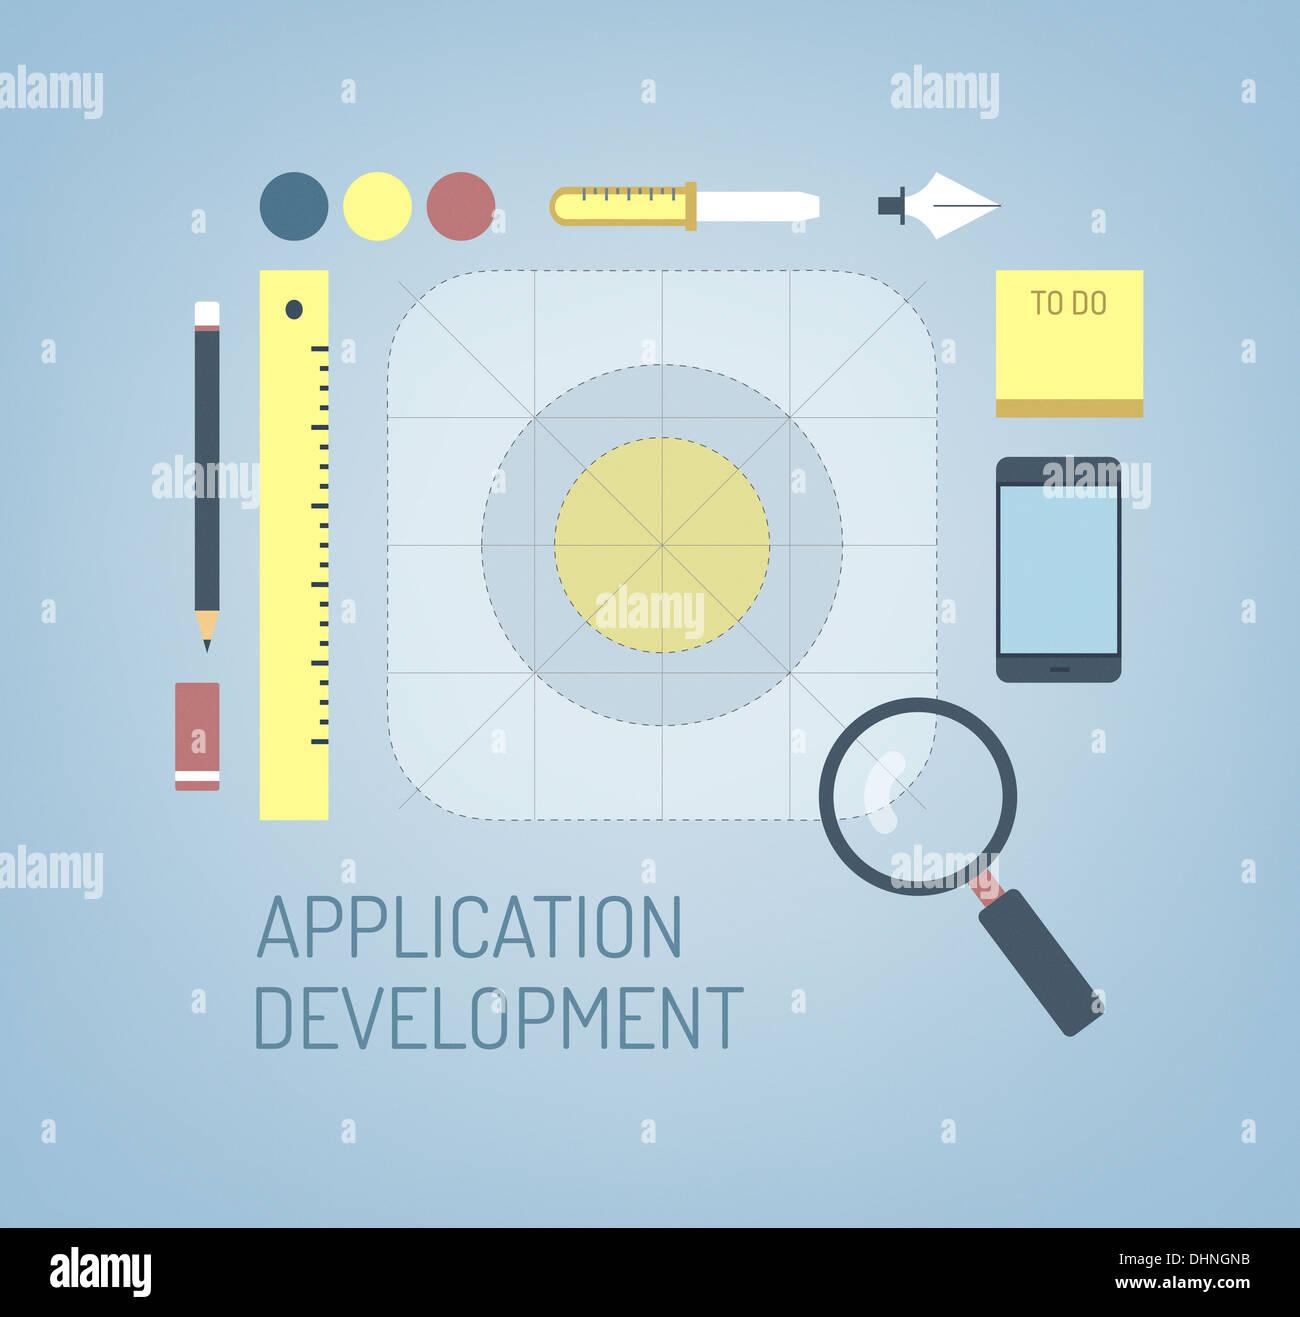 Ilustración moderno concepto de búsqueda, creación y el proceso de desarrollo de un nuevo icono de aplicación de interfaz móvil Imagen De Stock